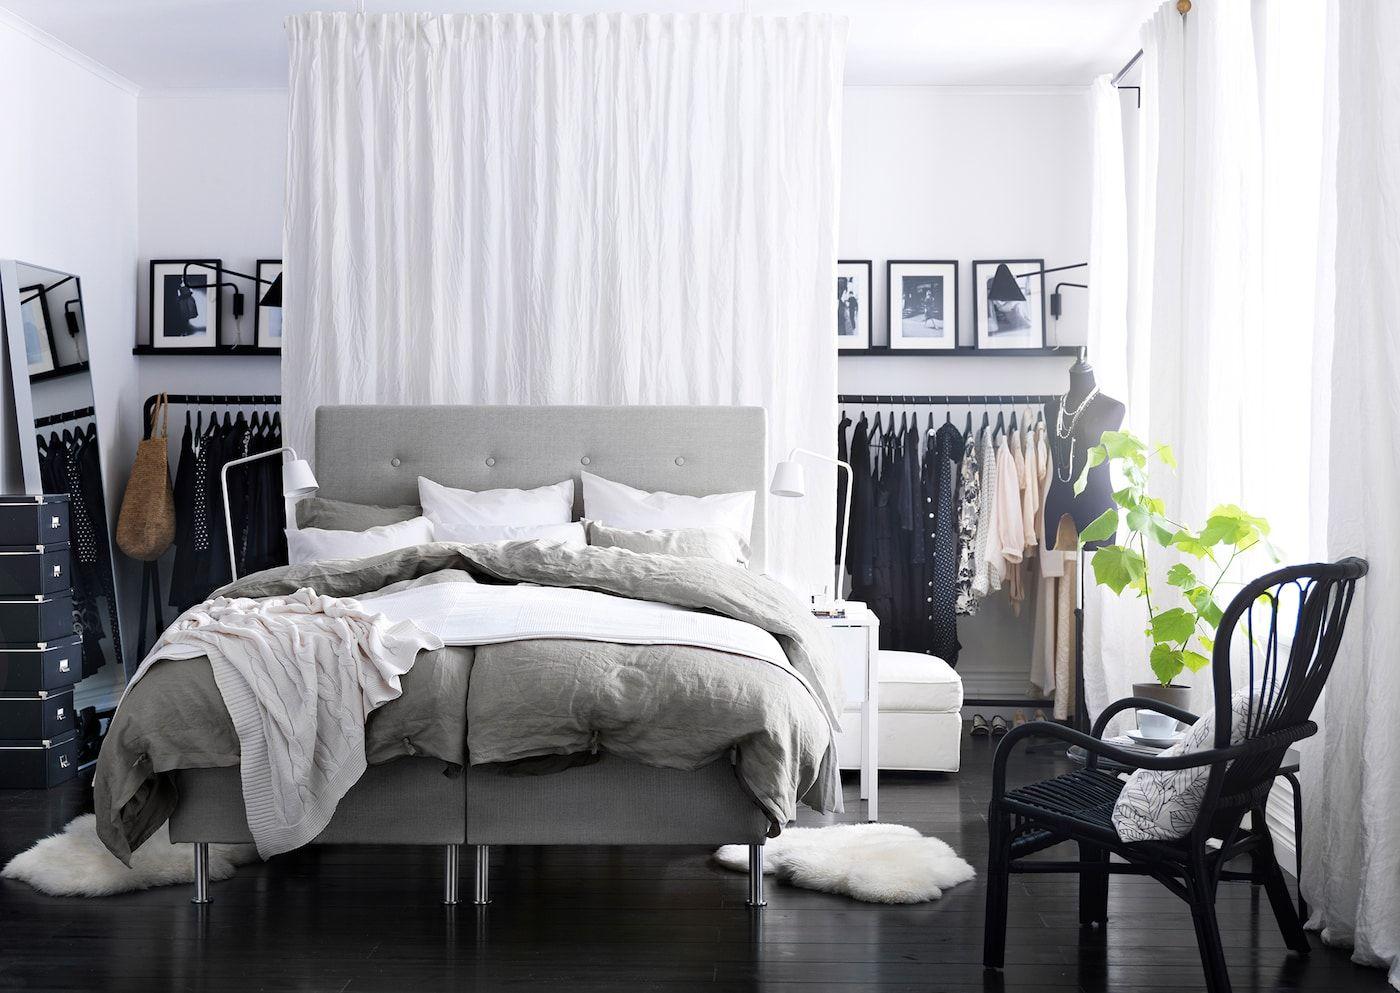 Offenen Kleiderschrank selber bauen Weiße zimmer